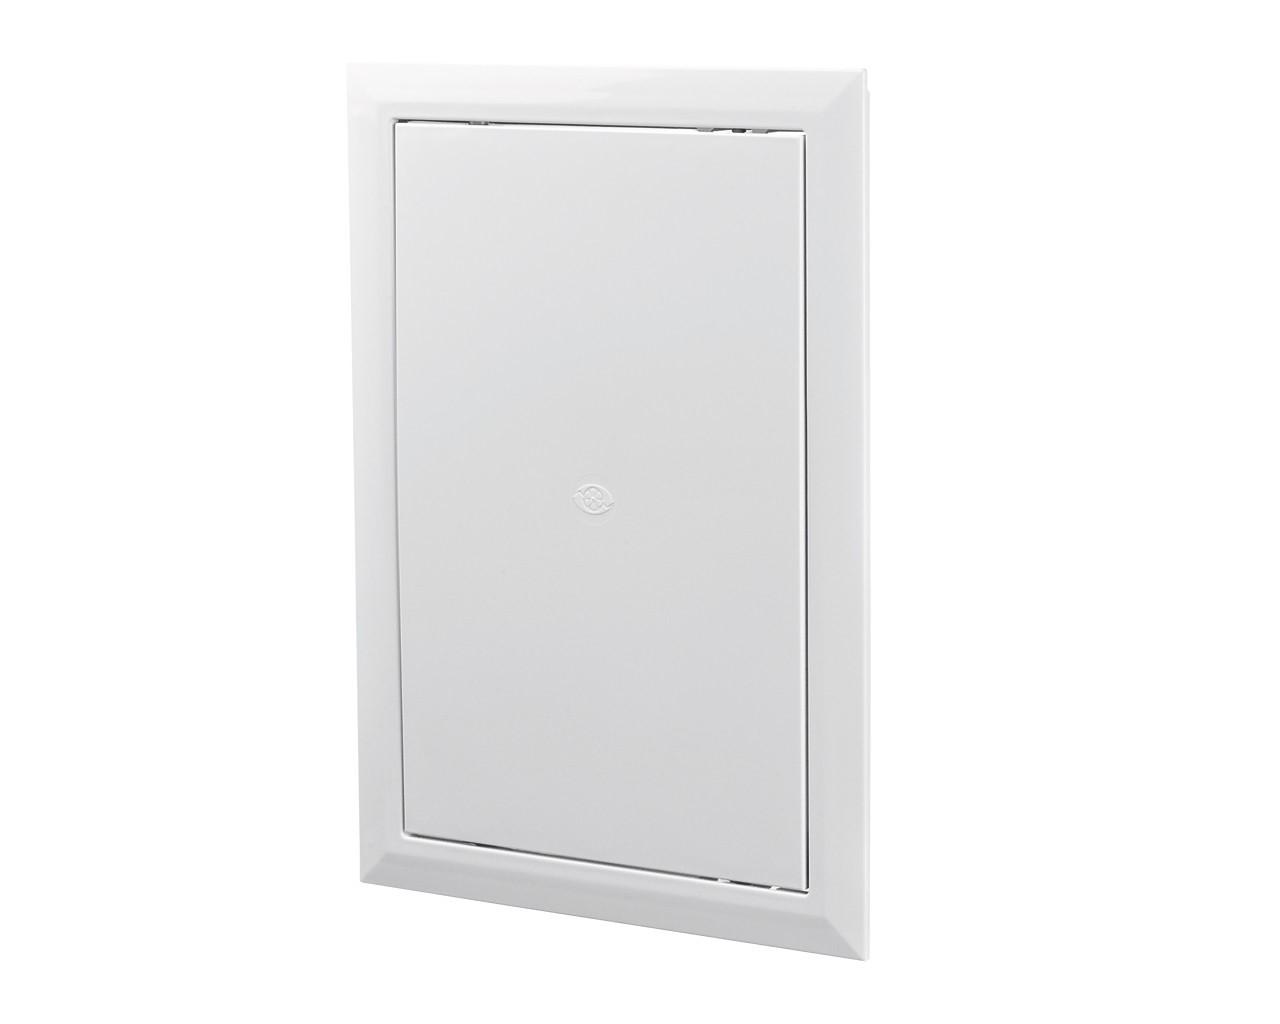 Ревізійна дверцята Д 100х100